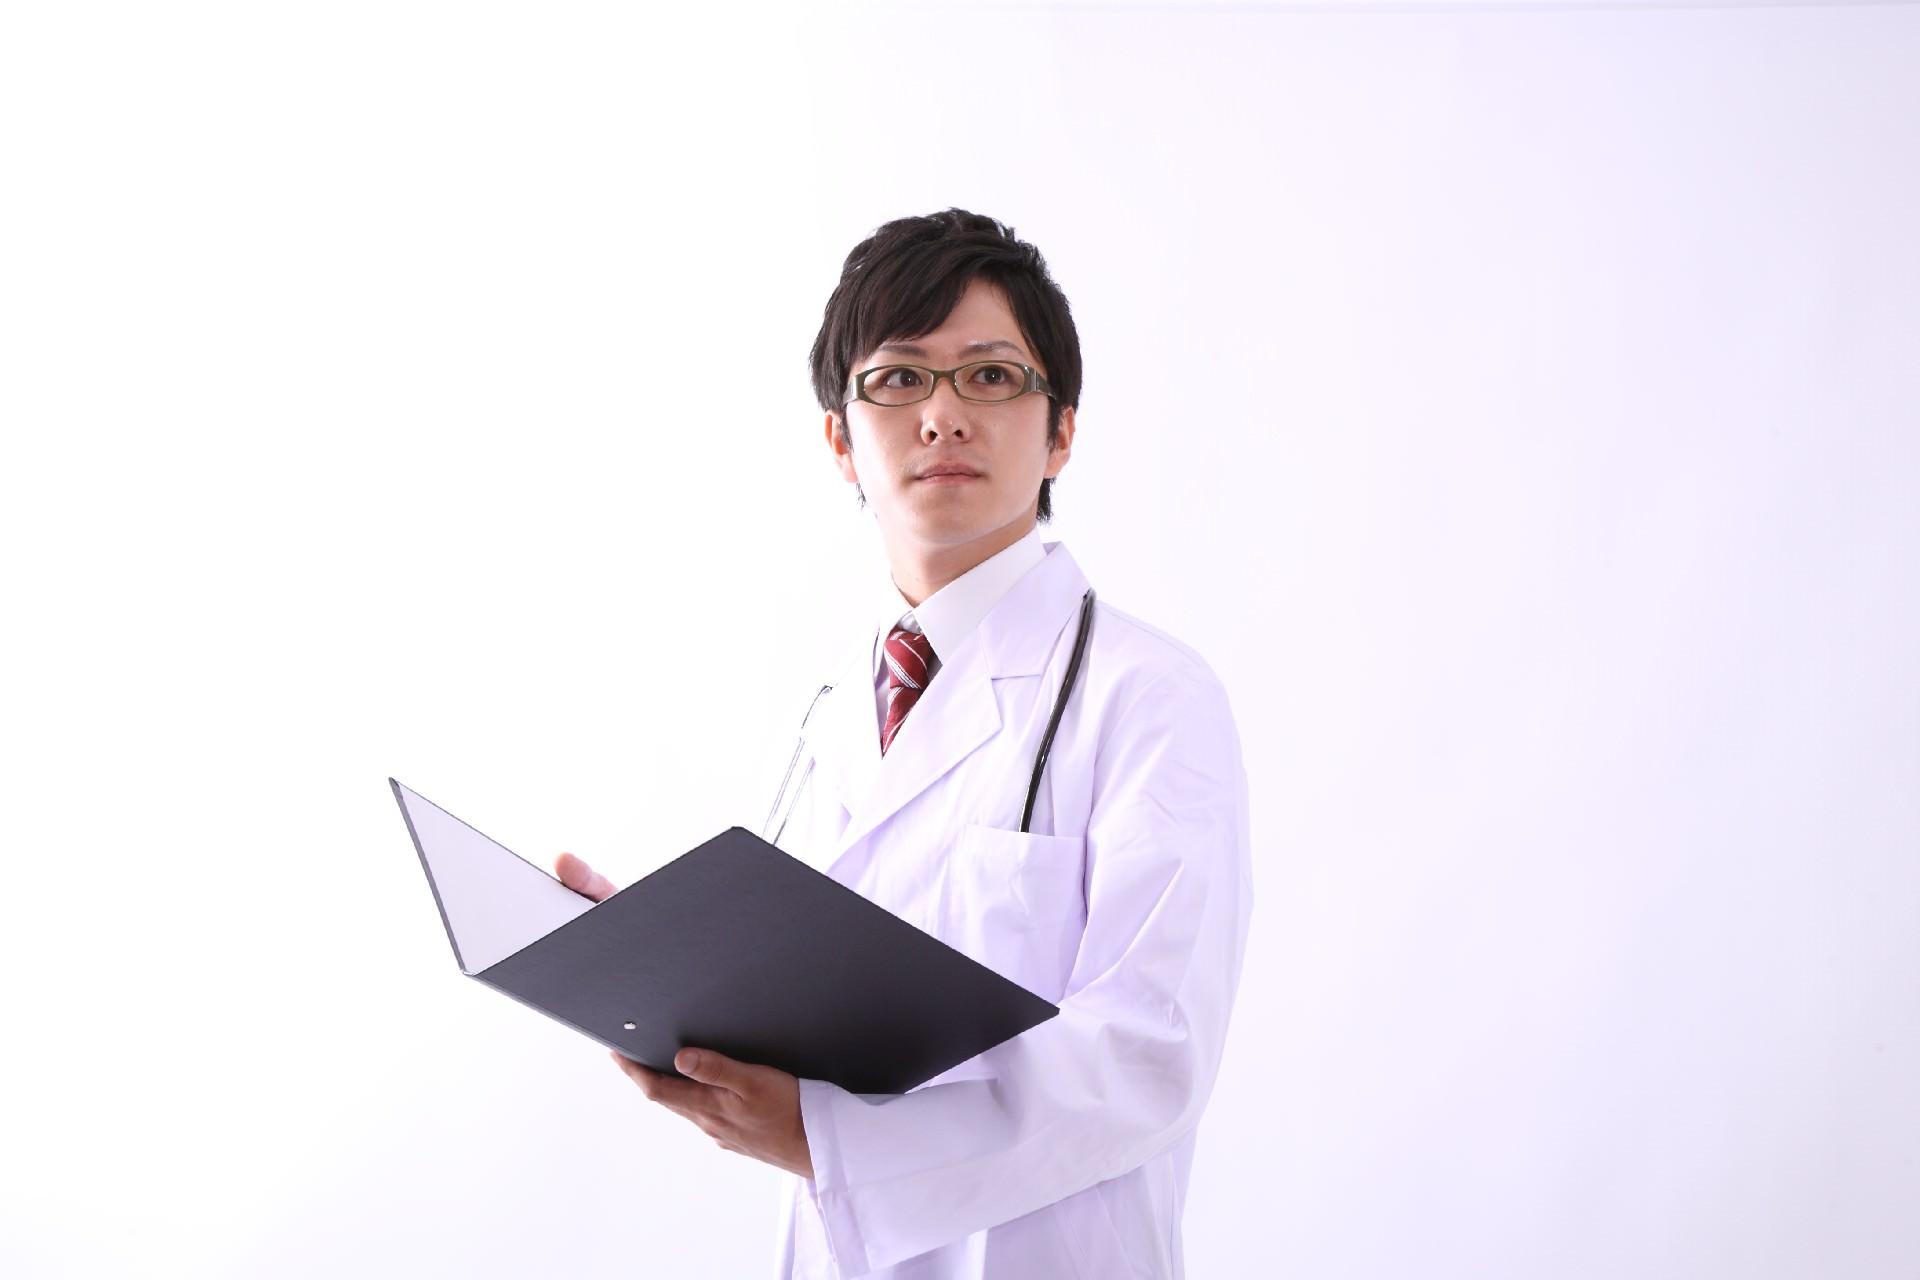 糖尿病予防のための知識を患者に説明する医師